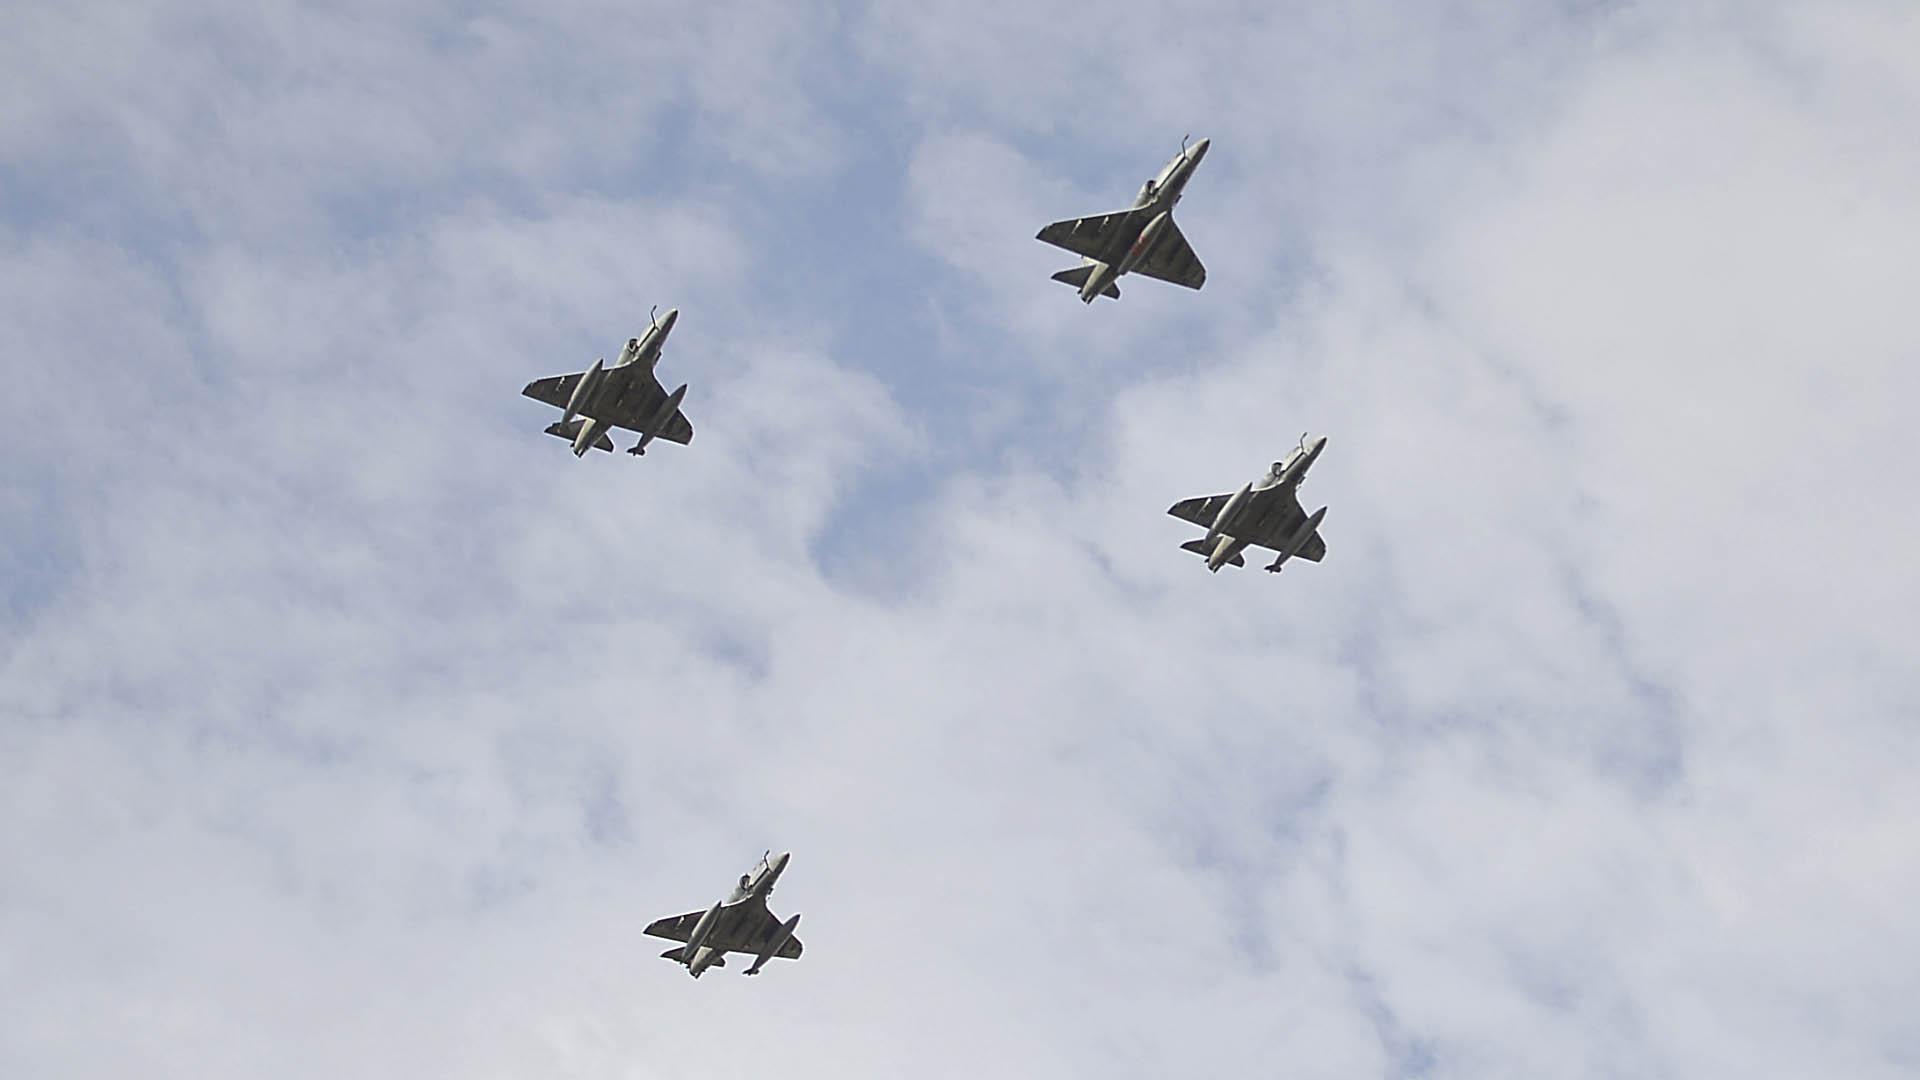 Cuatro aviones cazabombarderos A4AR Fighting Hawk